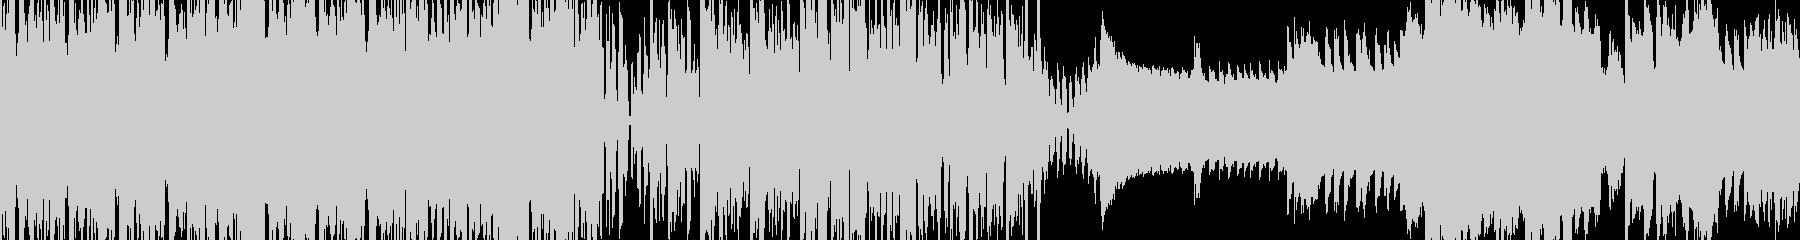 クールでアゲ感MAXなBGM|ループ対応の未再生の波形